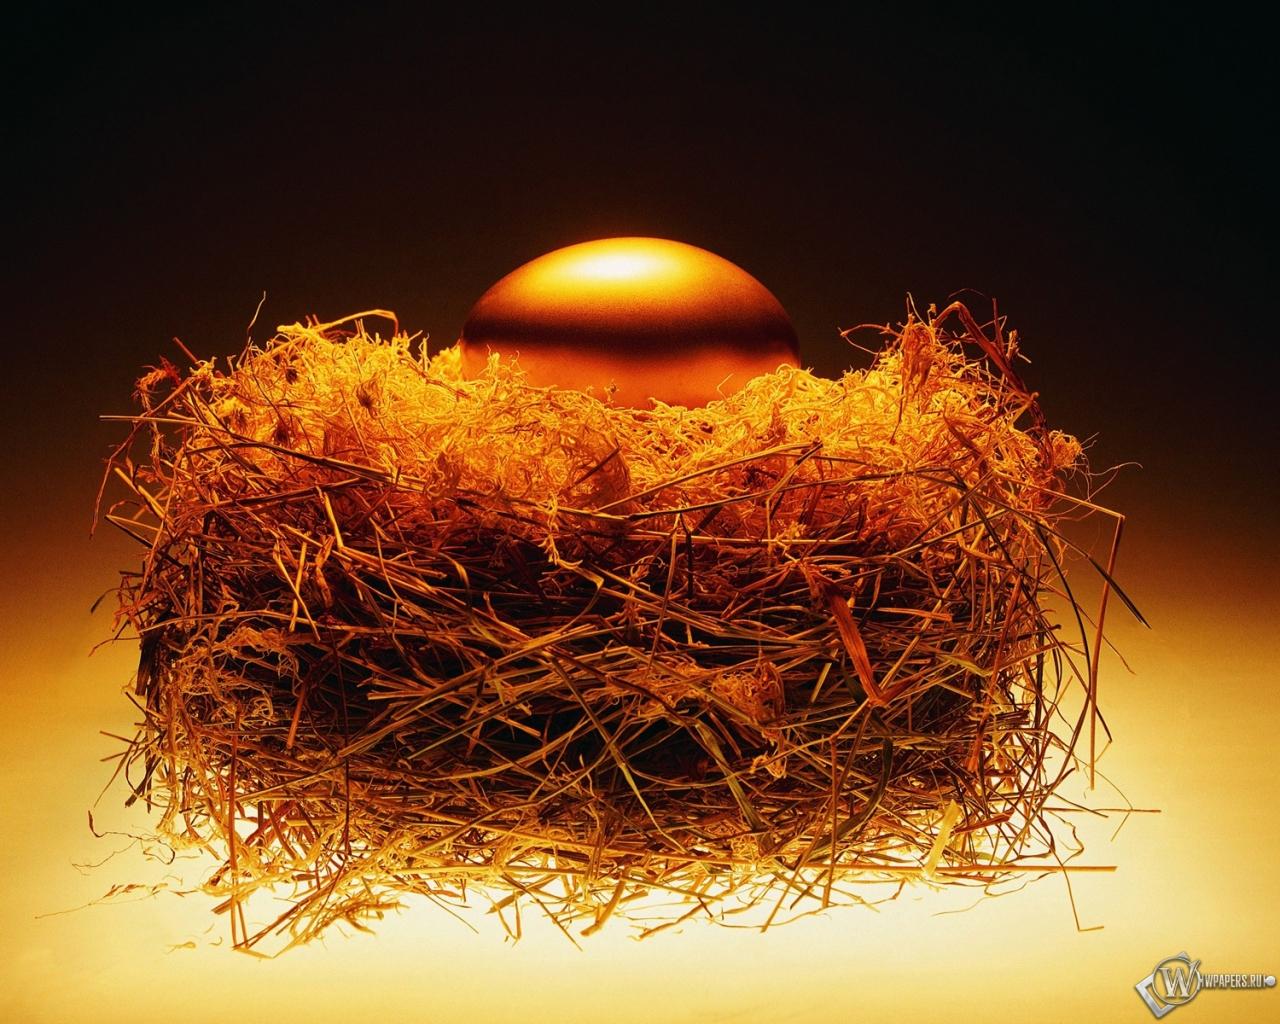 Золотое яйцо в гнезде 1280x1024